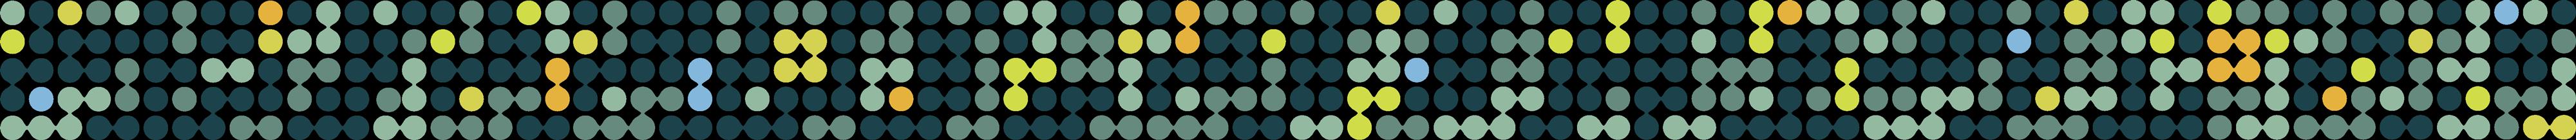 Aquna-Cod-Pattern-